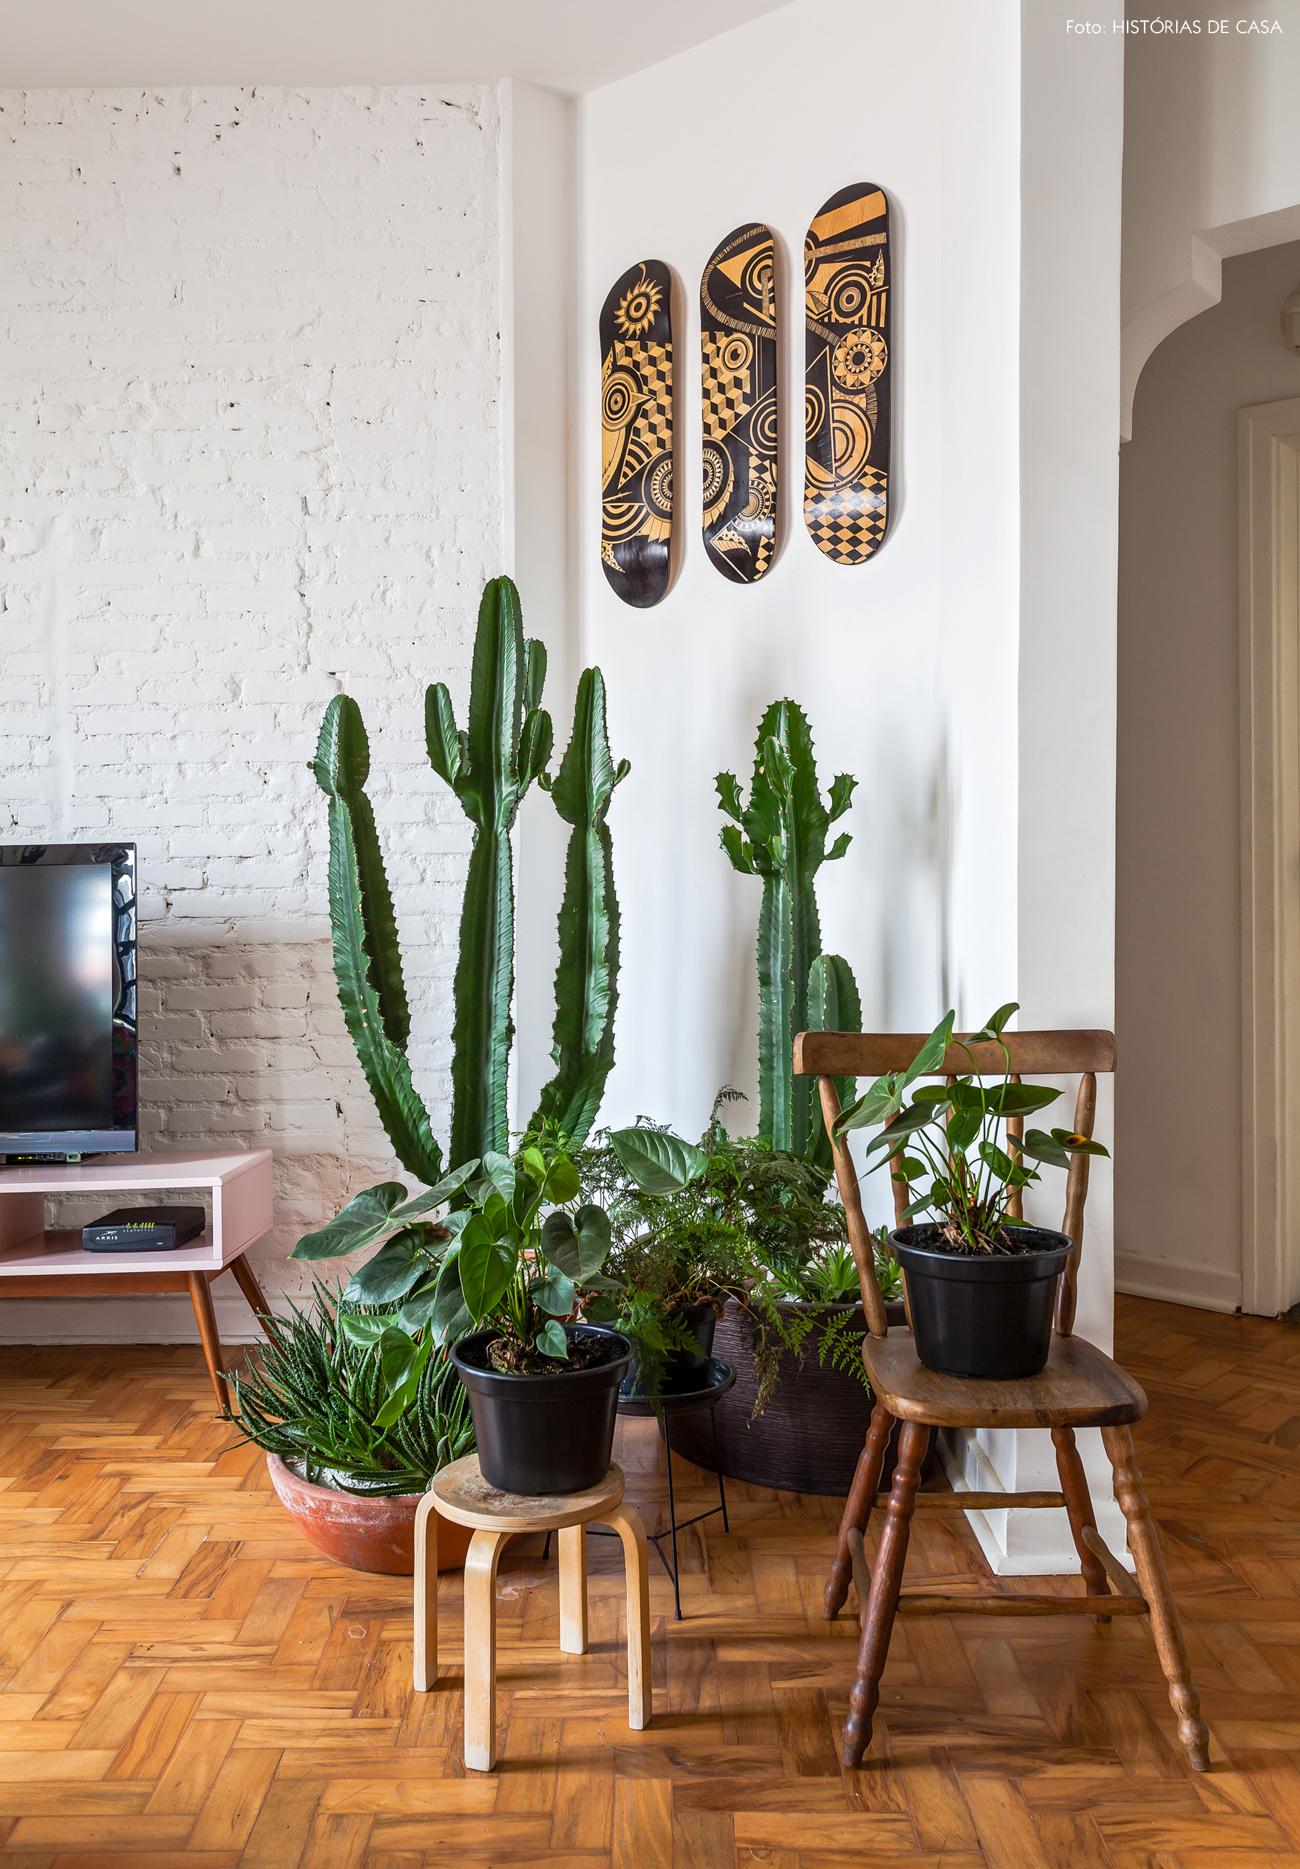 25-decoracao-sala-com-plantas-cactos-vasos